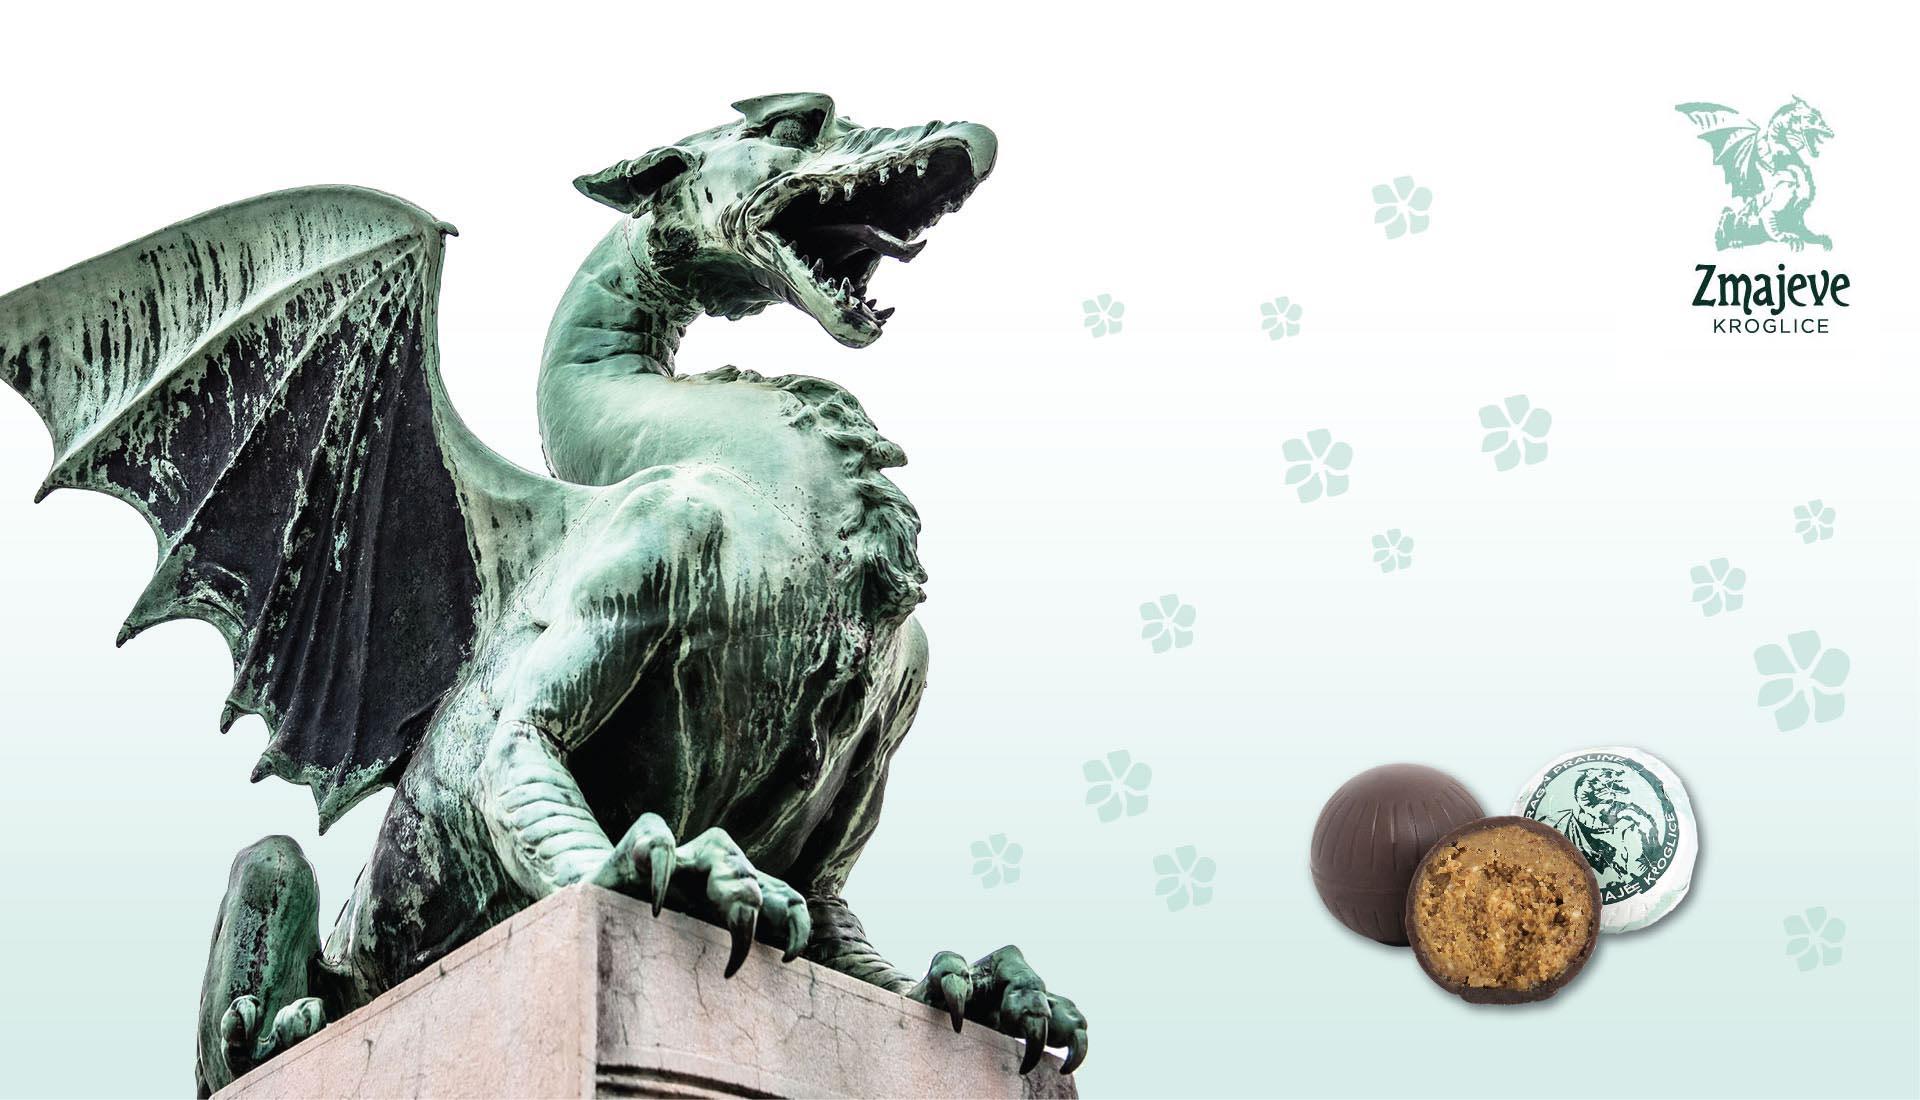 Čokoladnica Ljubljana